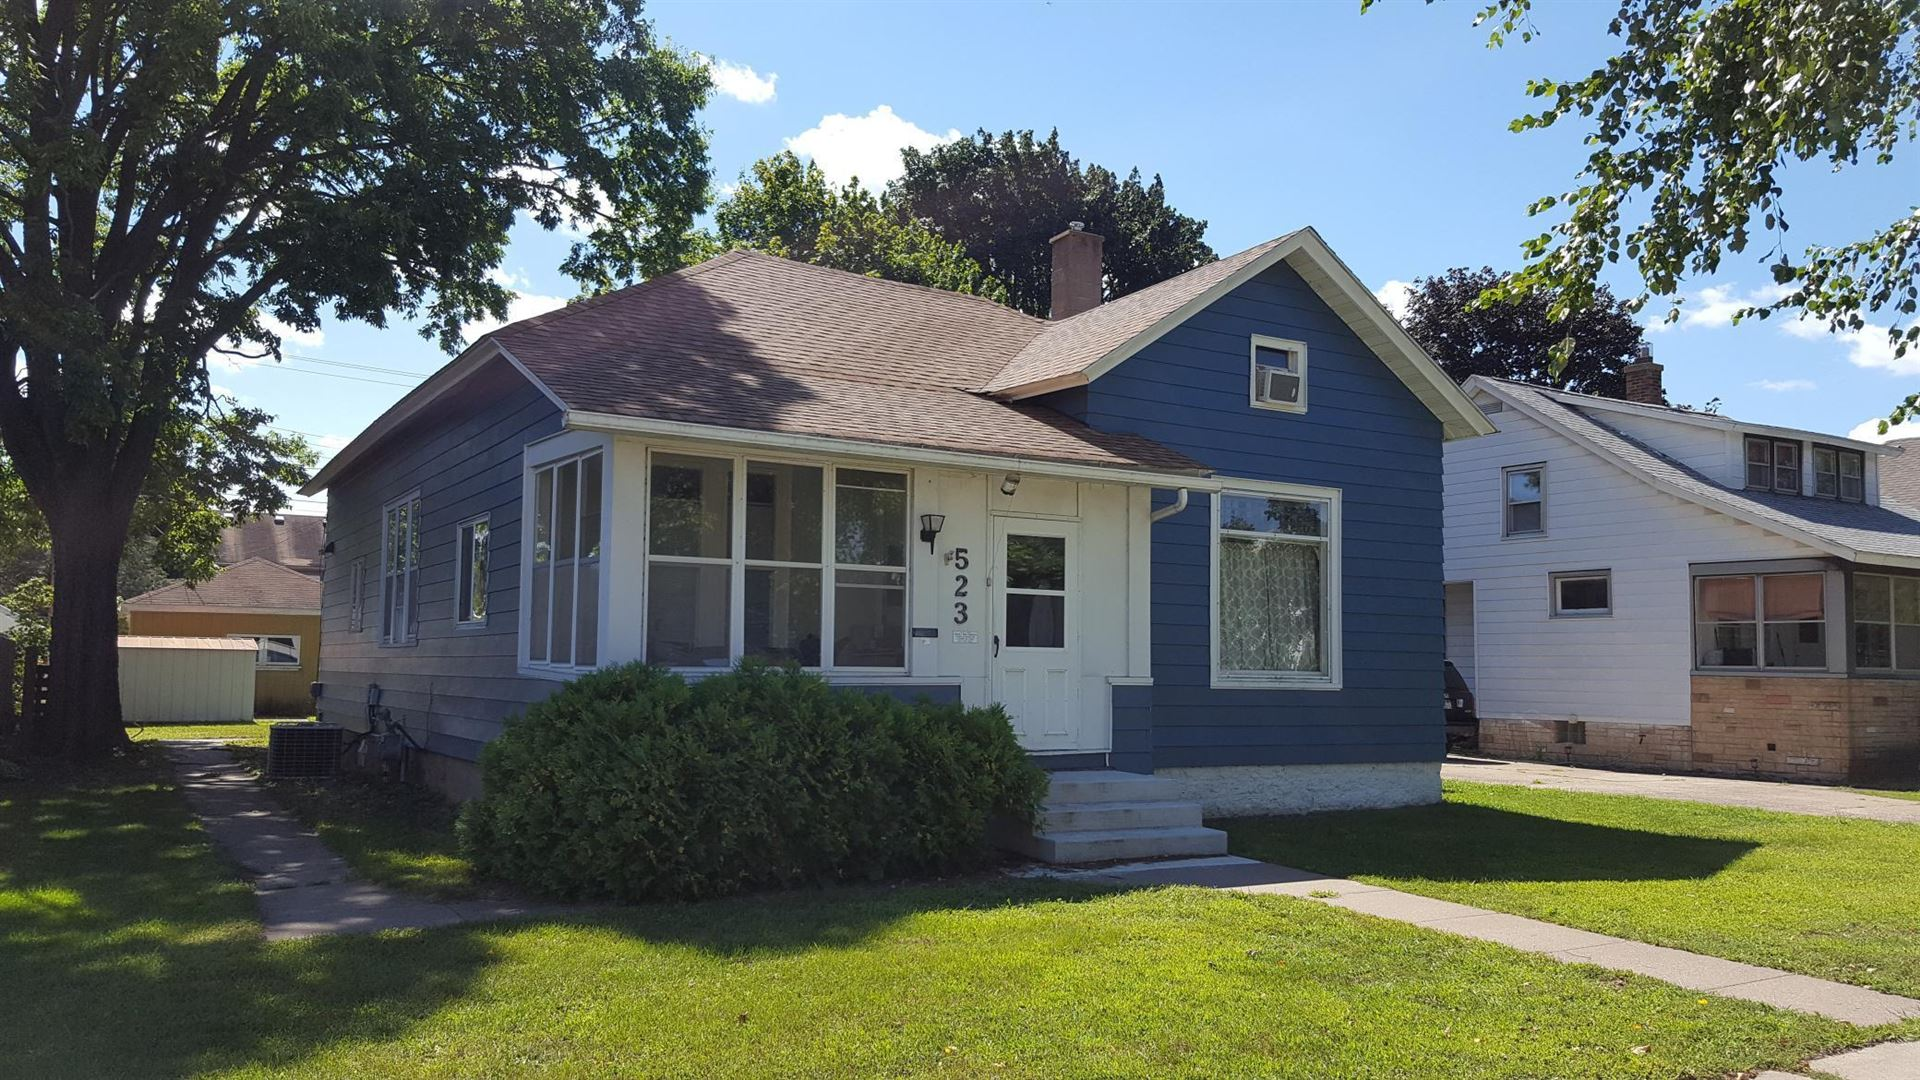 523 E 5th Street, Winona, MN 55987 - MLS#: 5768386